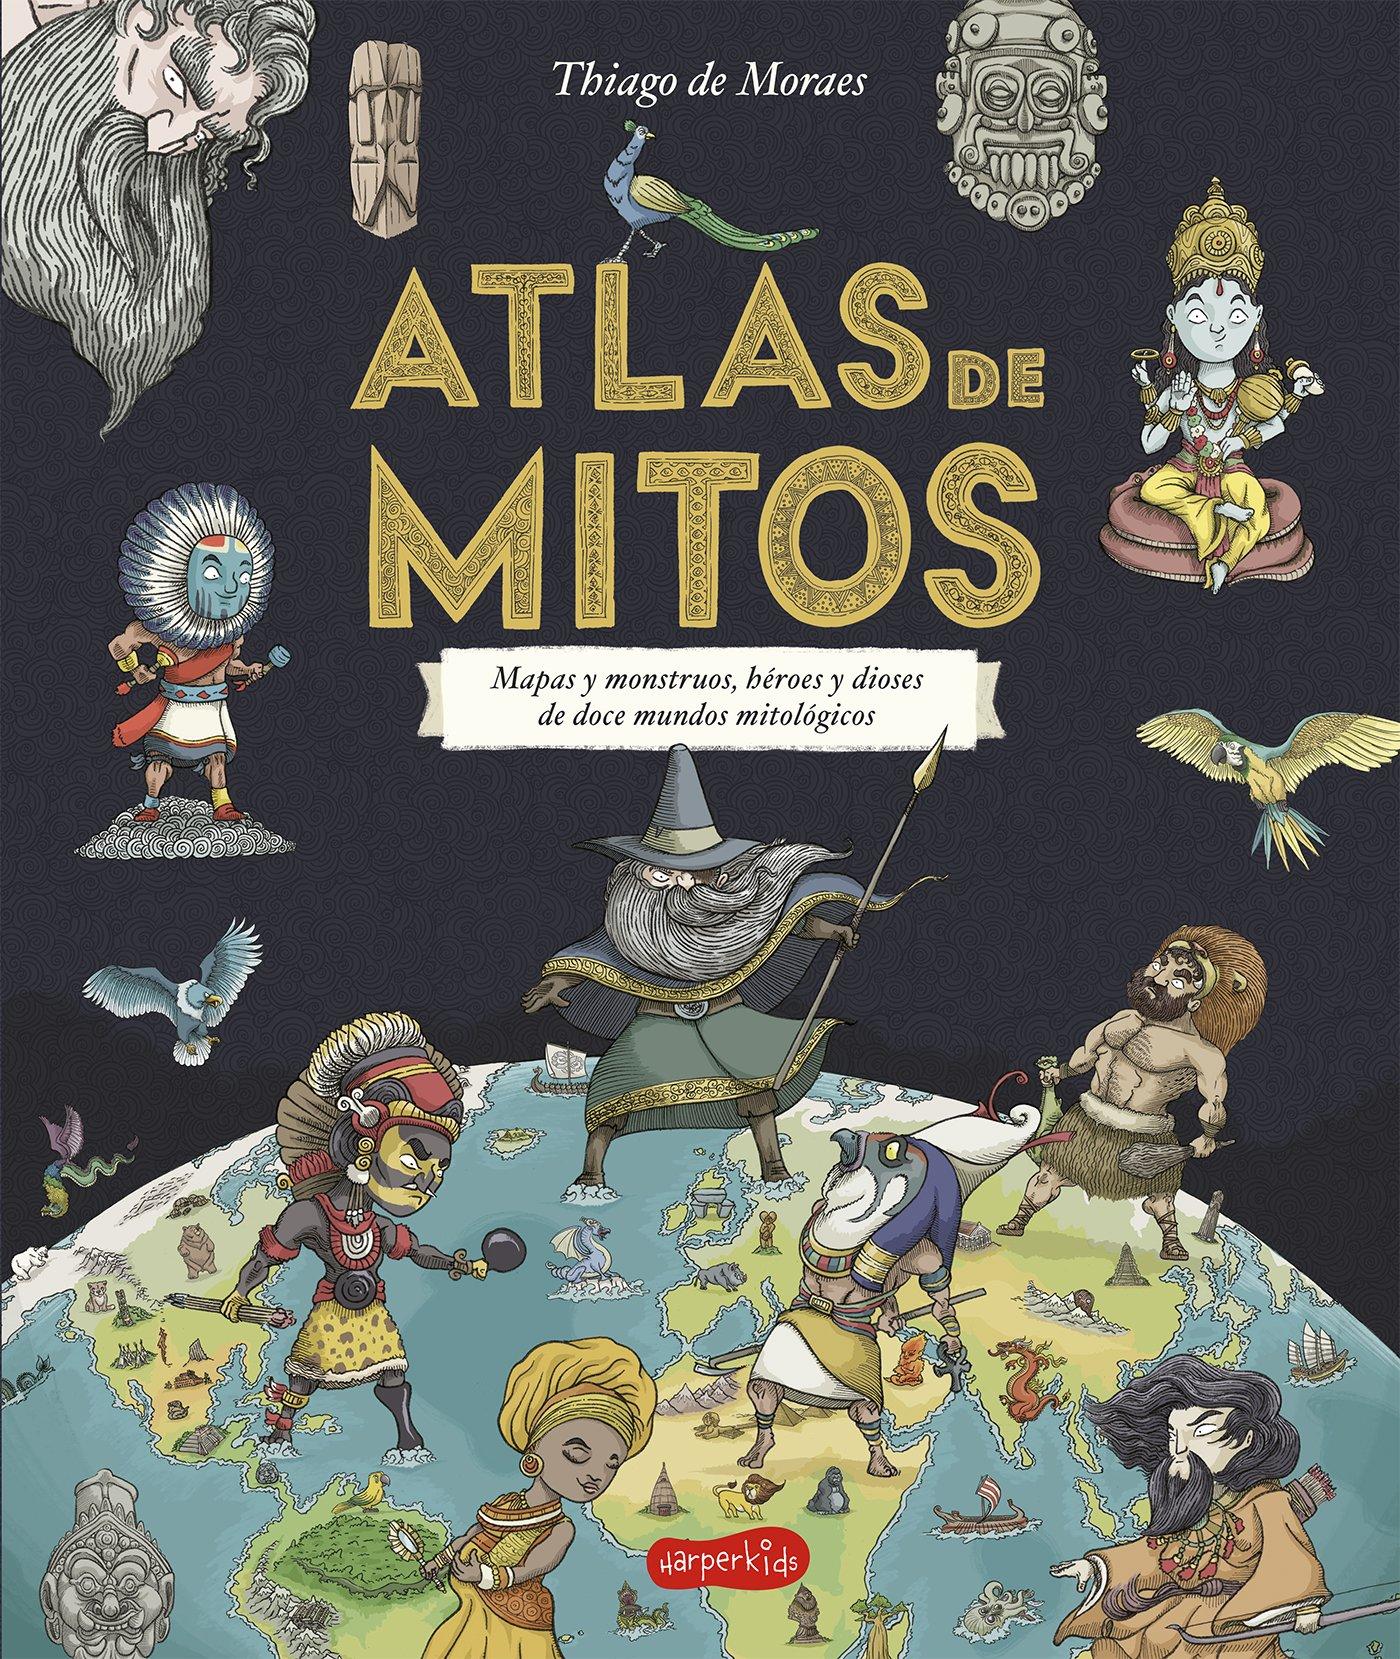 Imatge de la portada del llibre Atlas de mitos